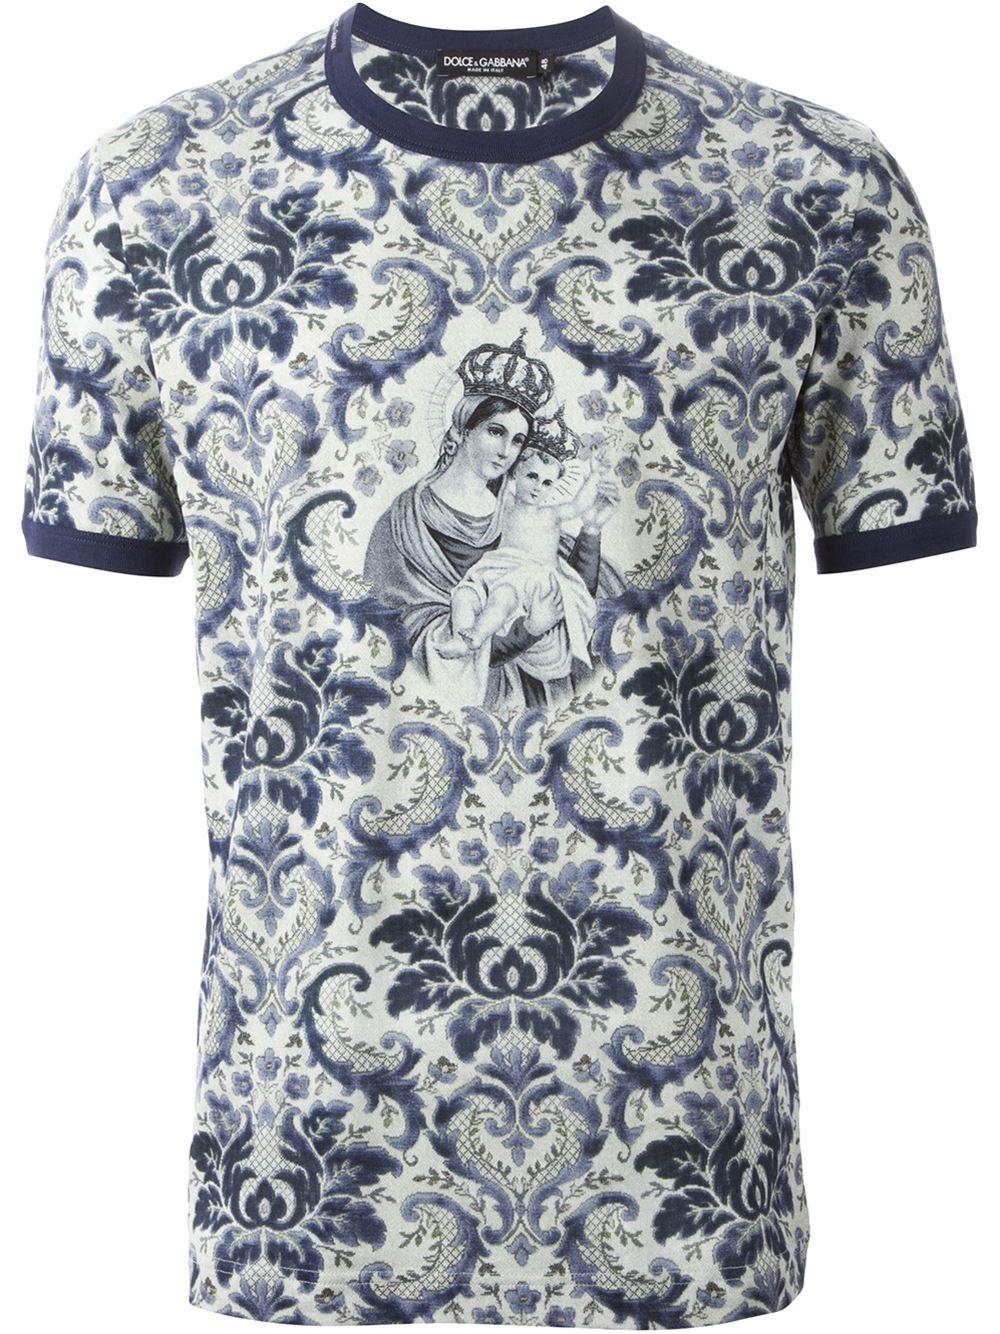 dolce gabbana crowned madonna floral t shirt in gray for men blue lyst. Black Bedroom Furniture Sets. Home Design Ideas